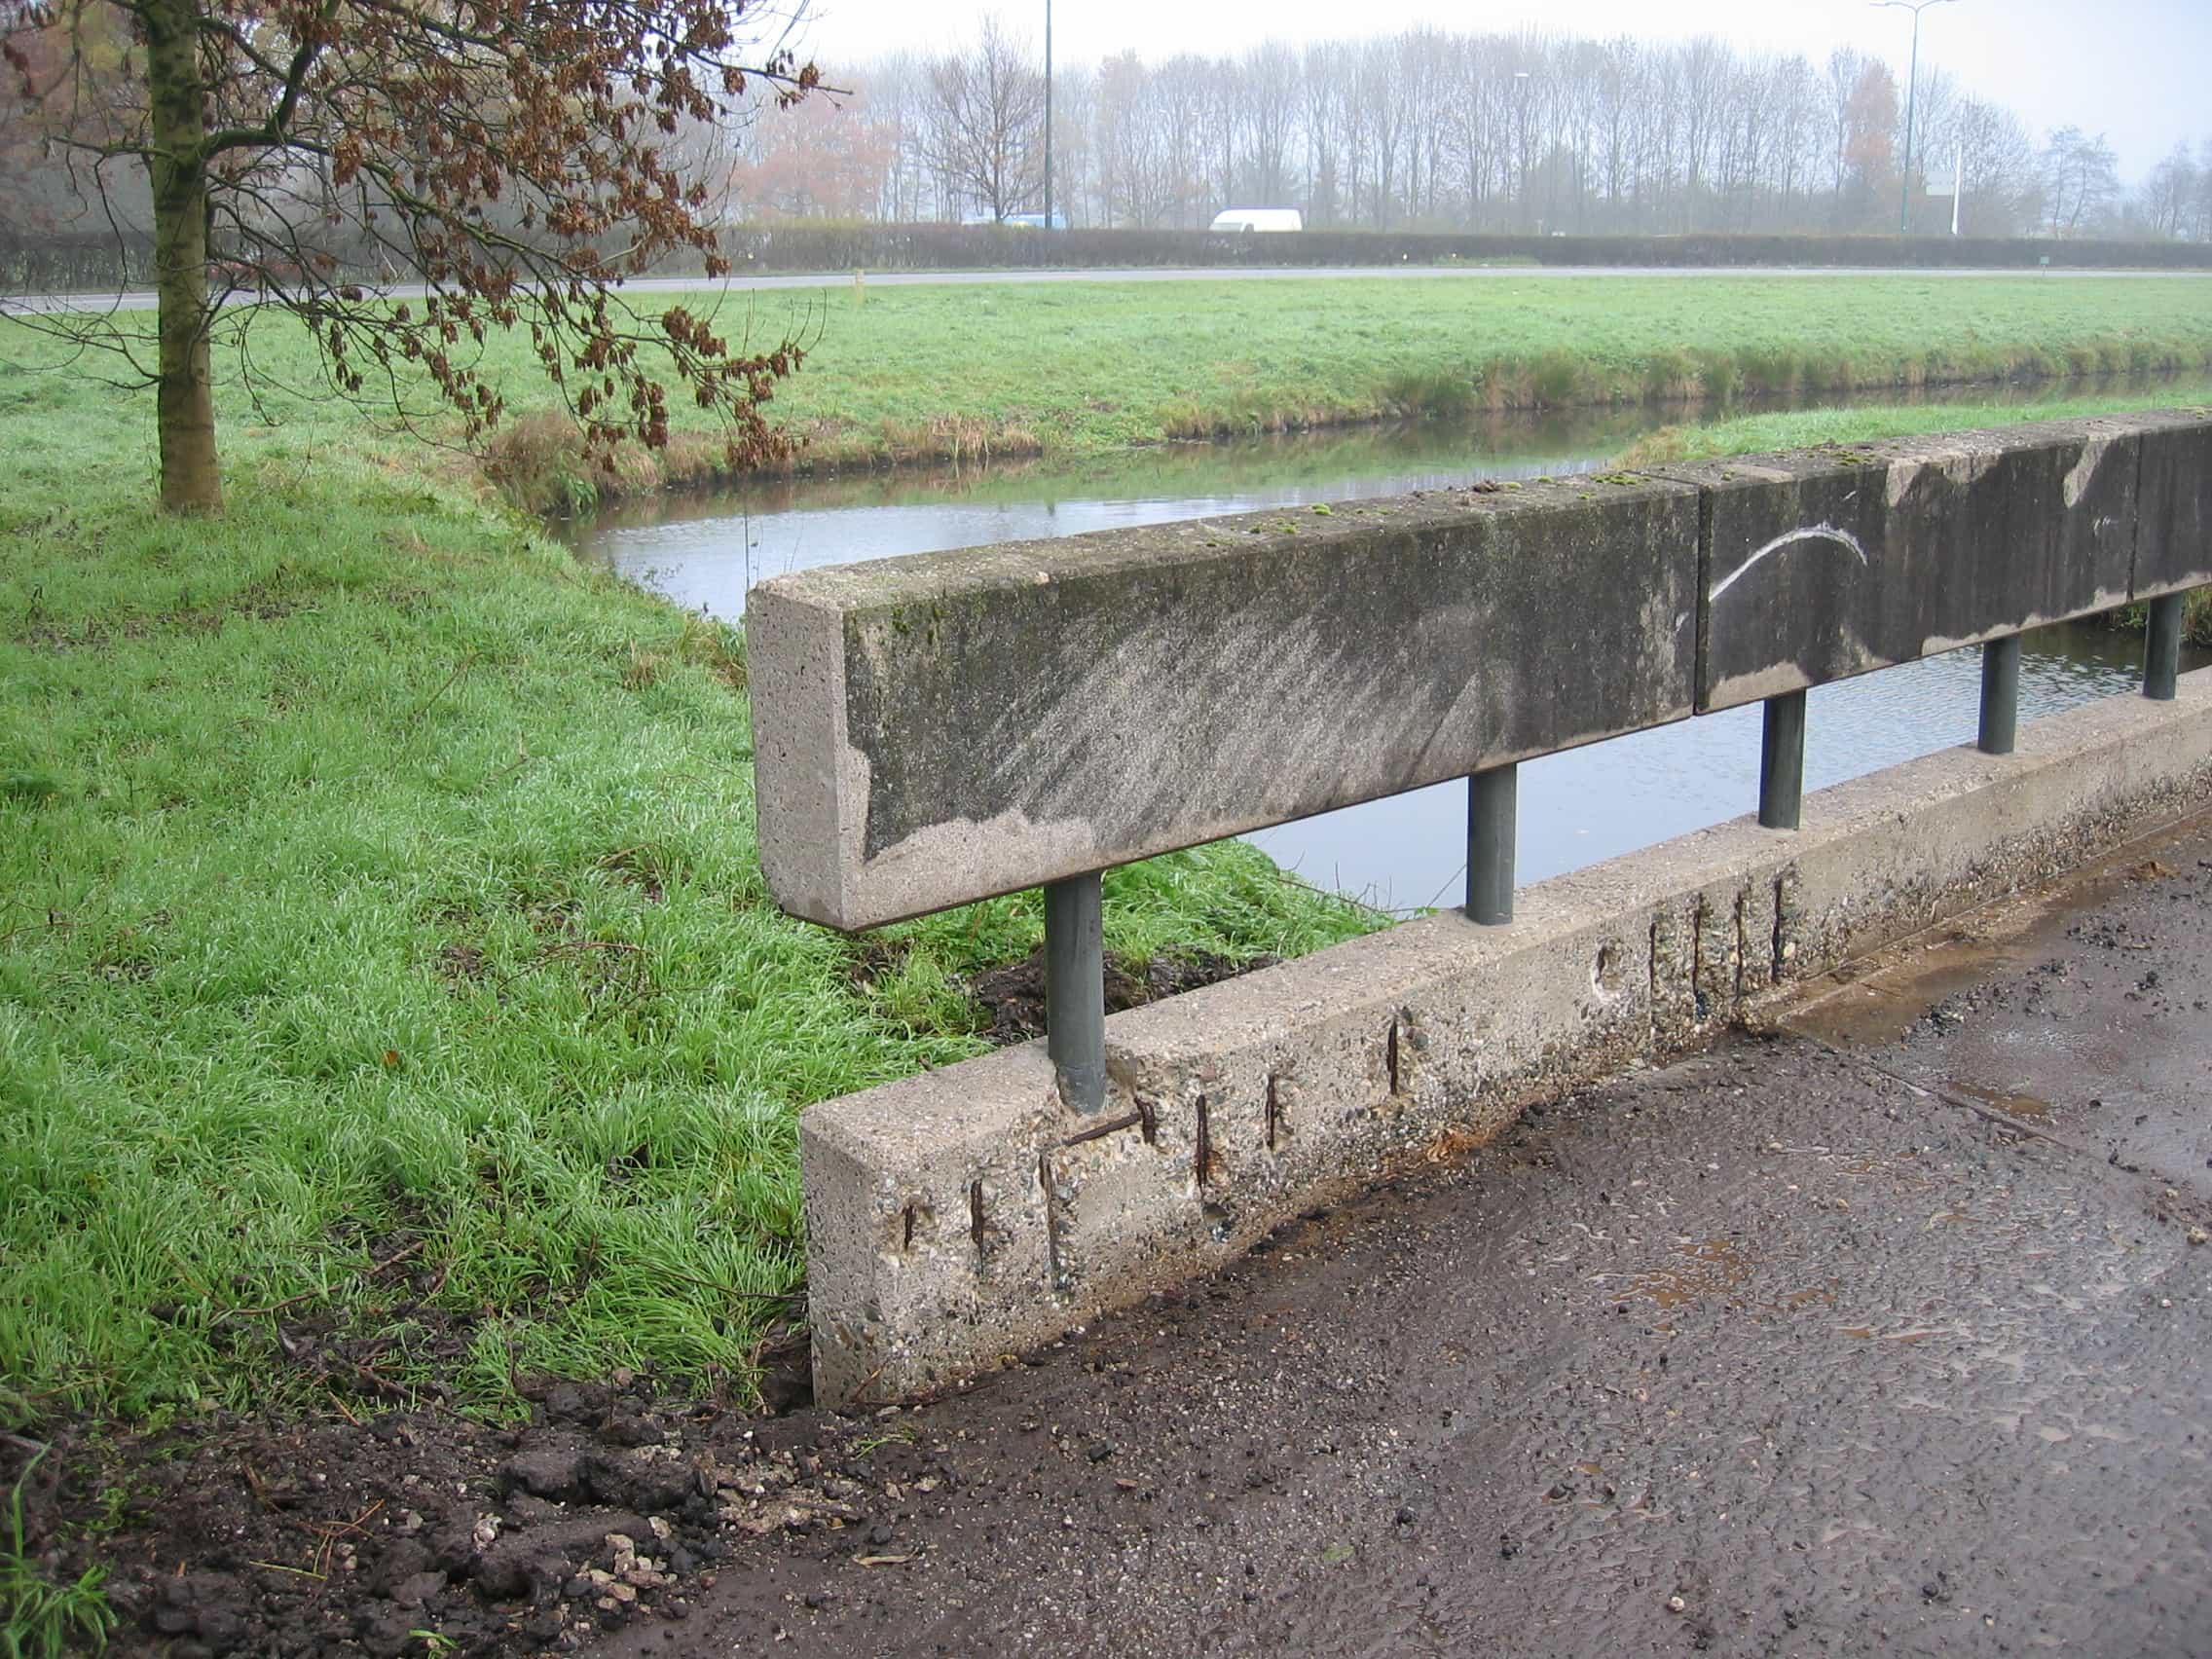 Voor situatie van het beton van de brug